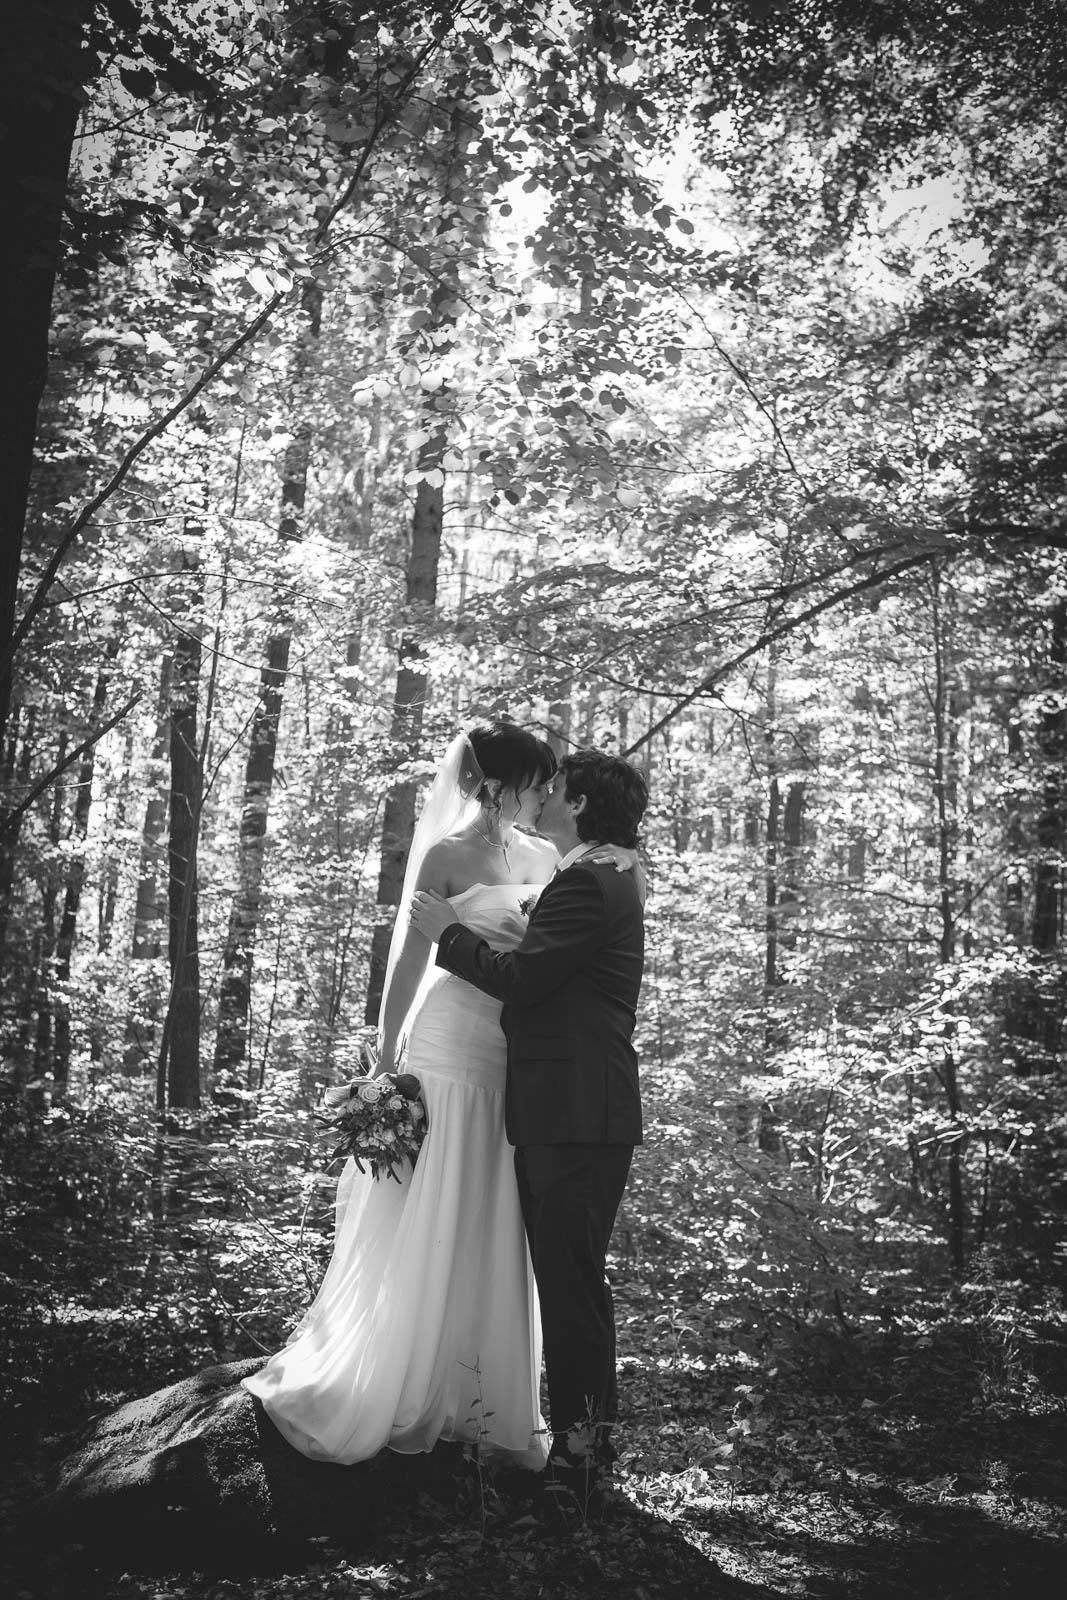 Svatební-fotografie-Mirka-a-Petr-svatební-fotograf- svatebni-kameraman-studio-Beautyfoto-Jižní-Čechy-Zvíkov-Orlík-svatební-videobeautyfoto-74